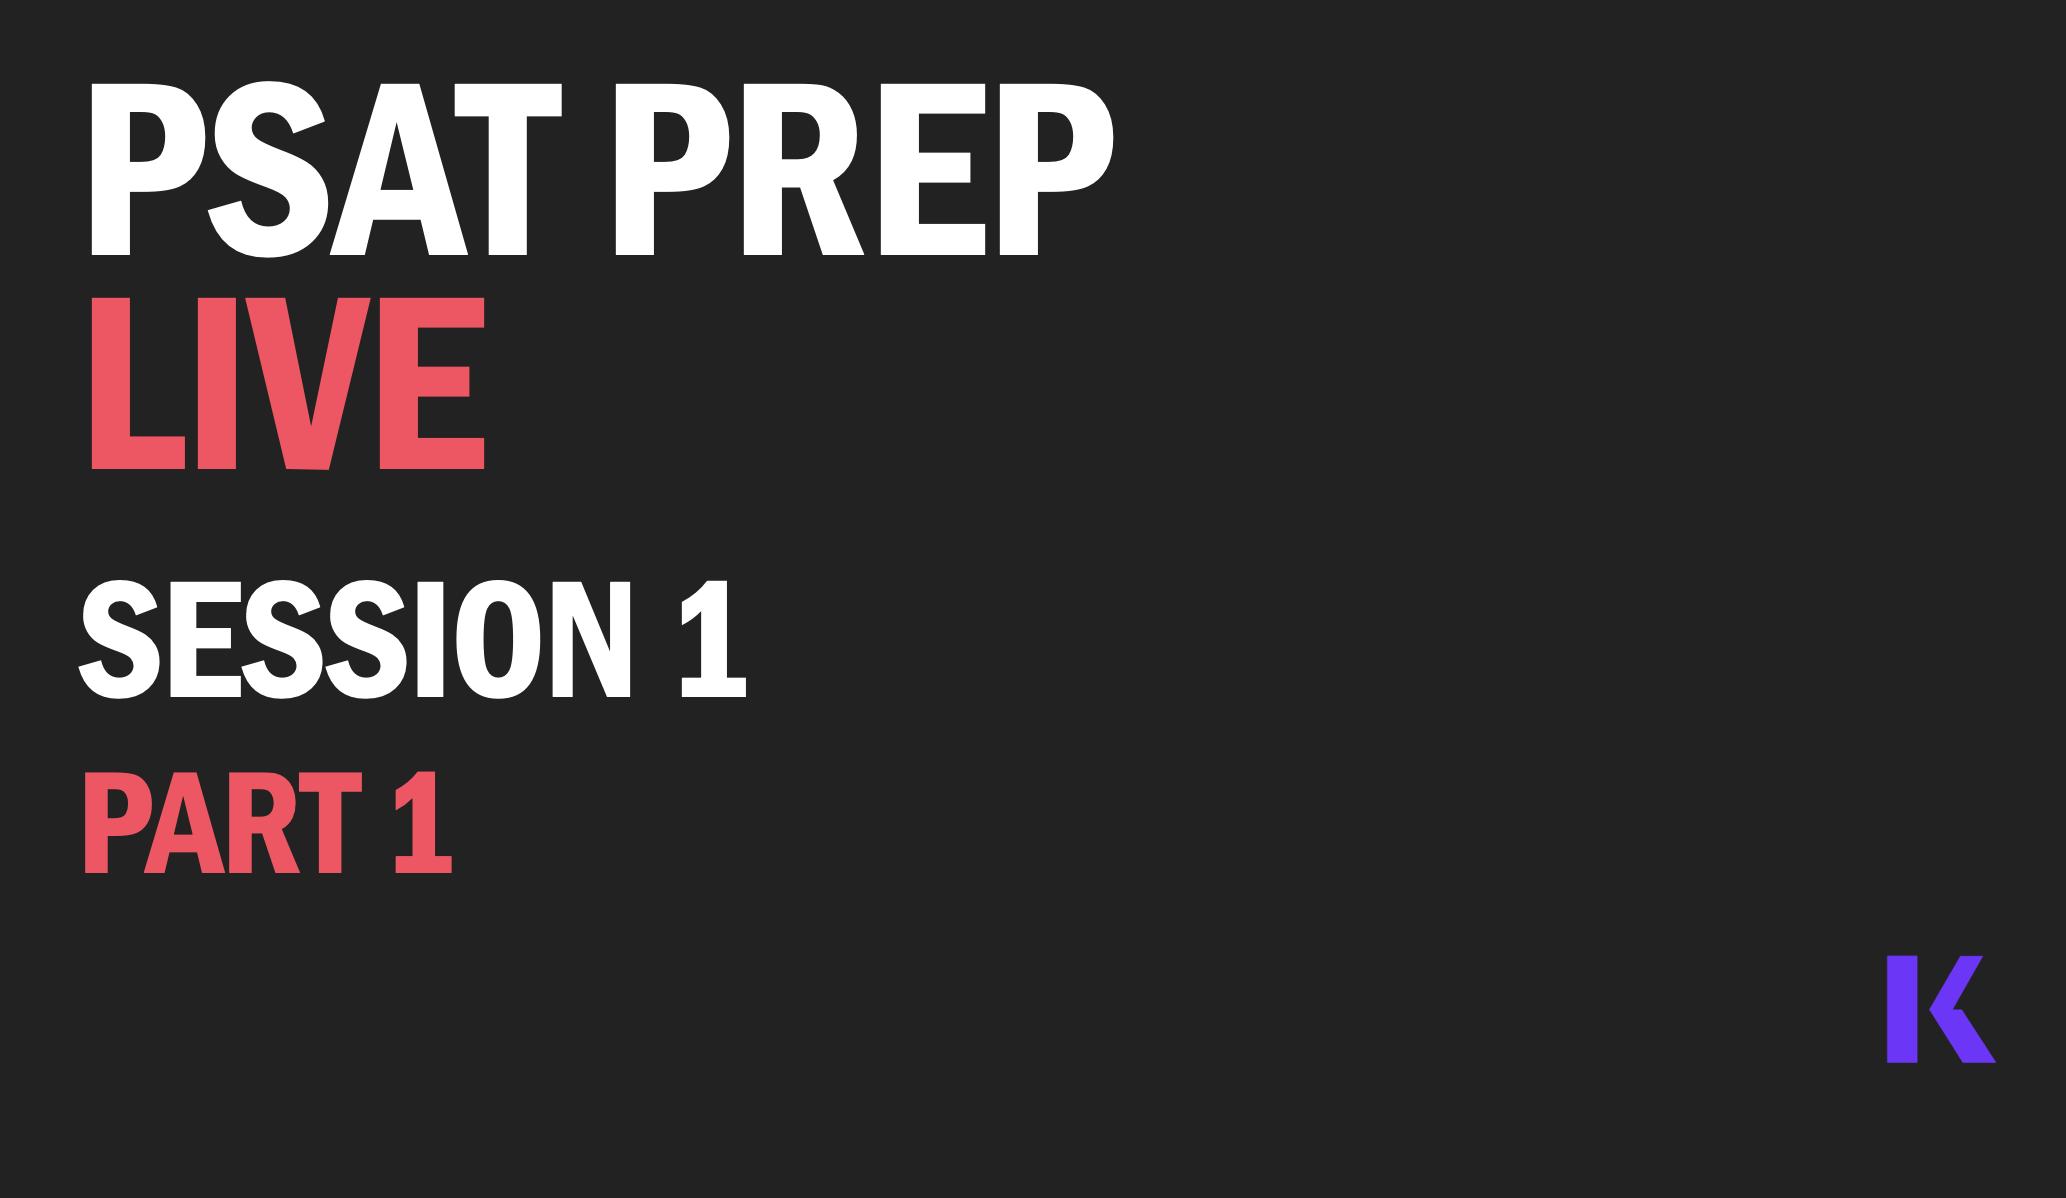 psat-prep-live-session-1-part-1